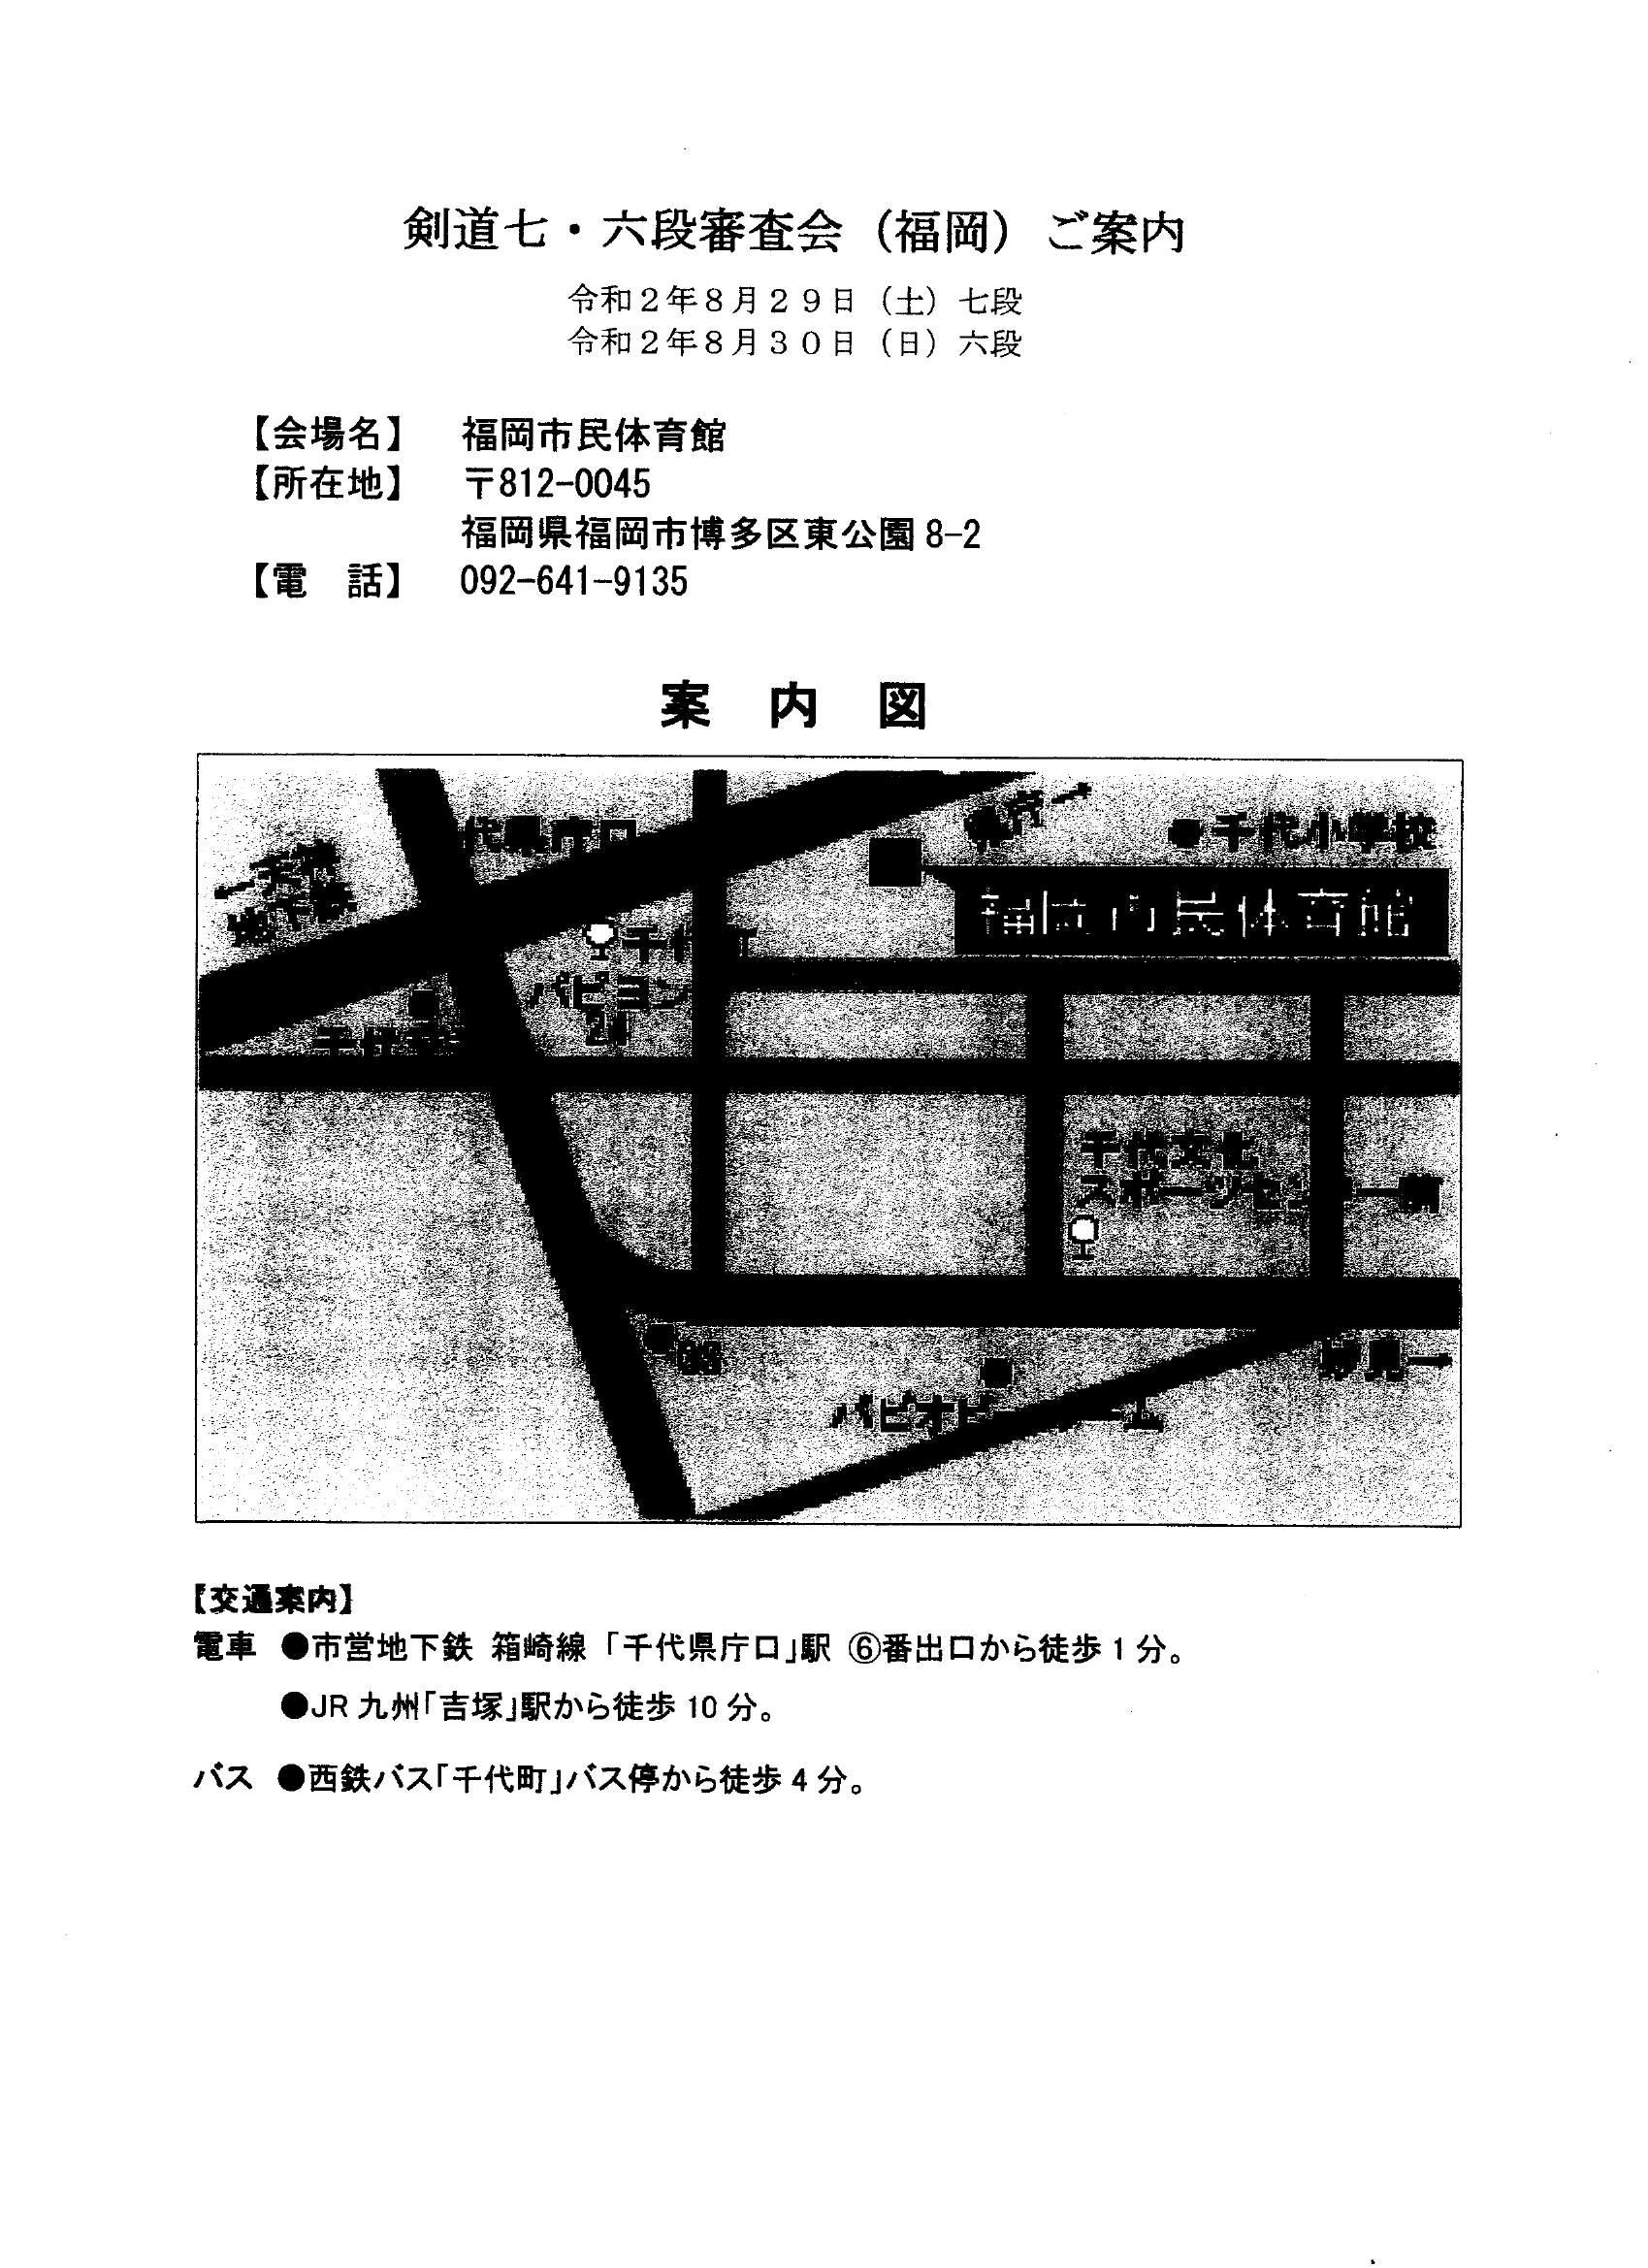 令和2年8月六七段審査会_0004